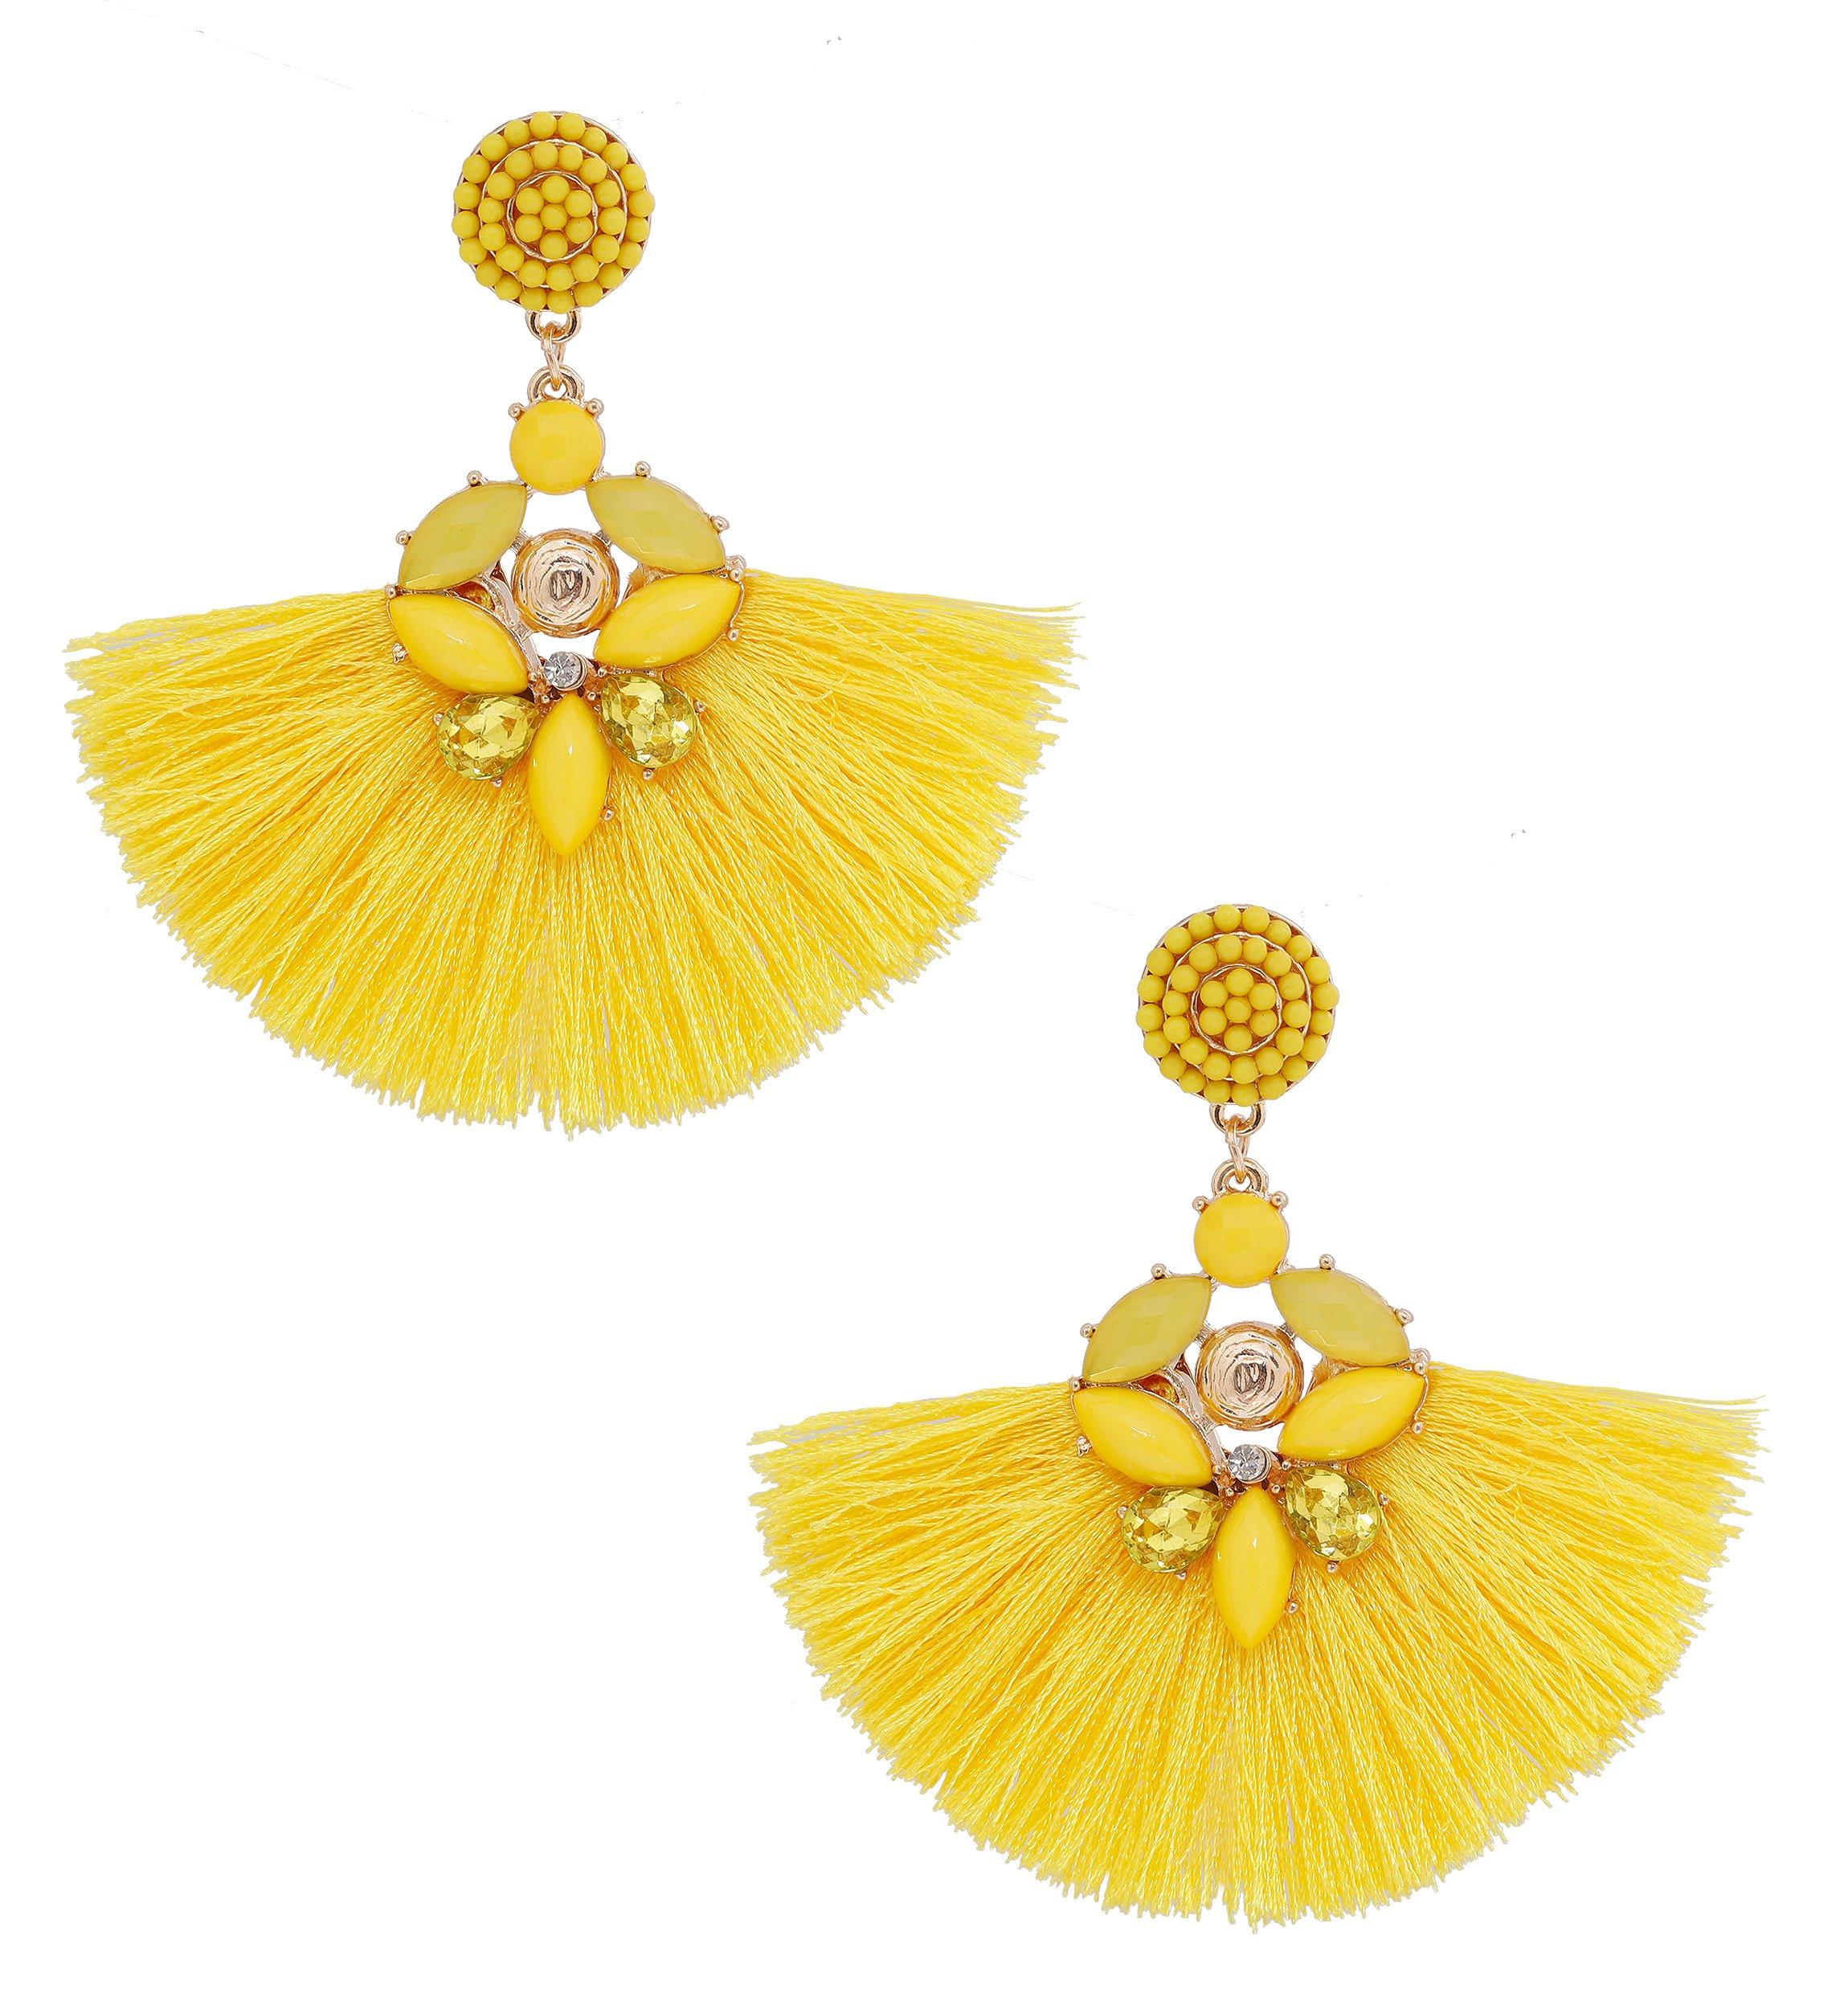 dd93fb077 ELEARD Fan Shaped Tassel Earrings Crystal Beaded Fringe Dangle Earrings  Seed Beaded Stud Statement Drop Earrings (Yellow)